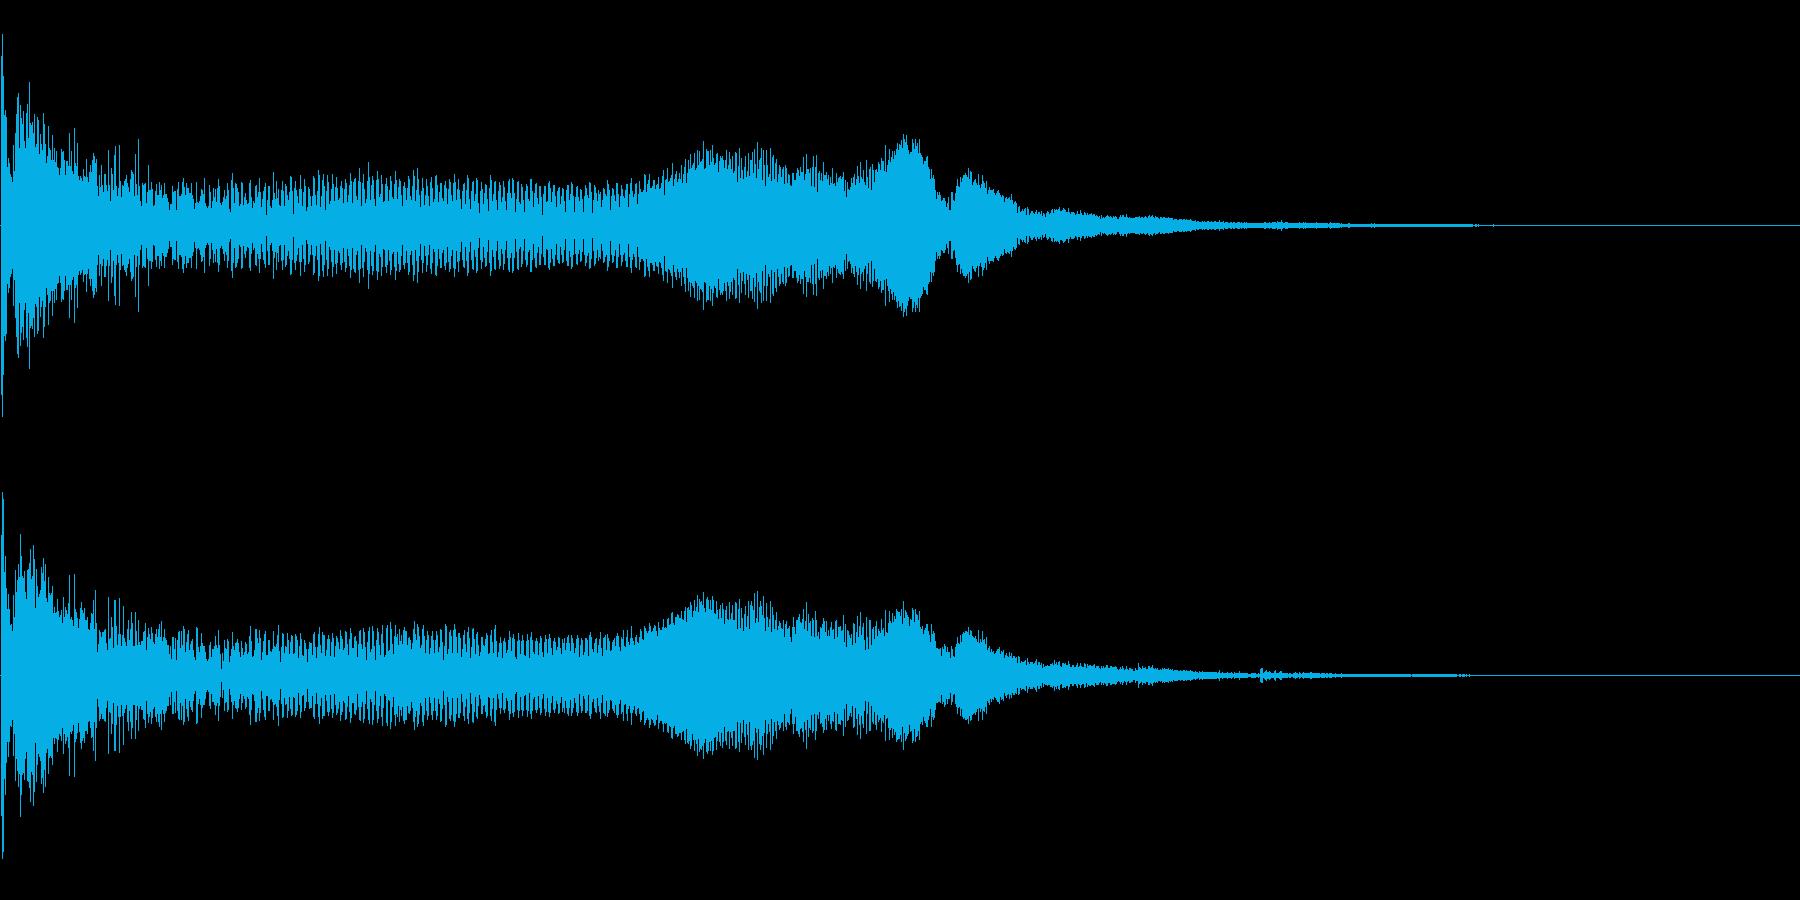 重い金属系 タイトルロゴ、アイキャッチ音の再生済みの波形